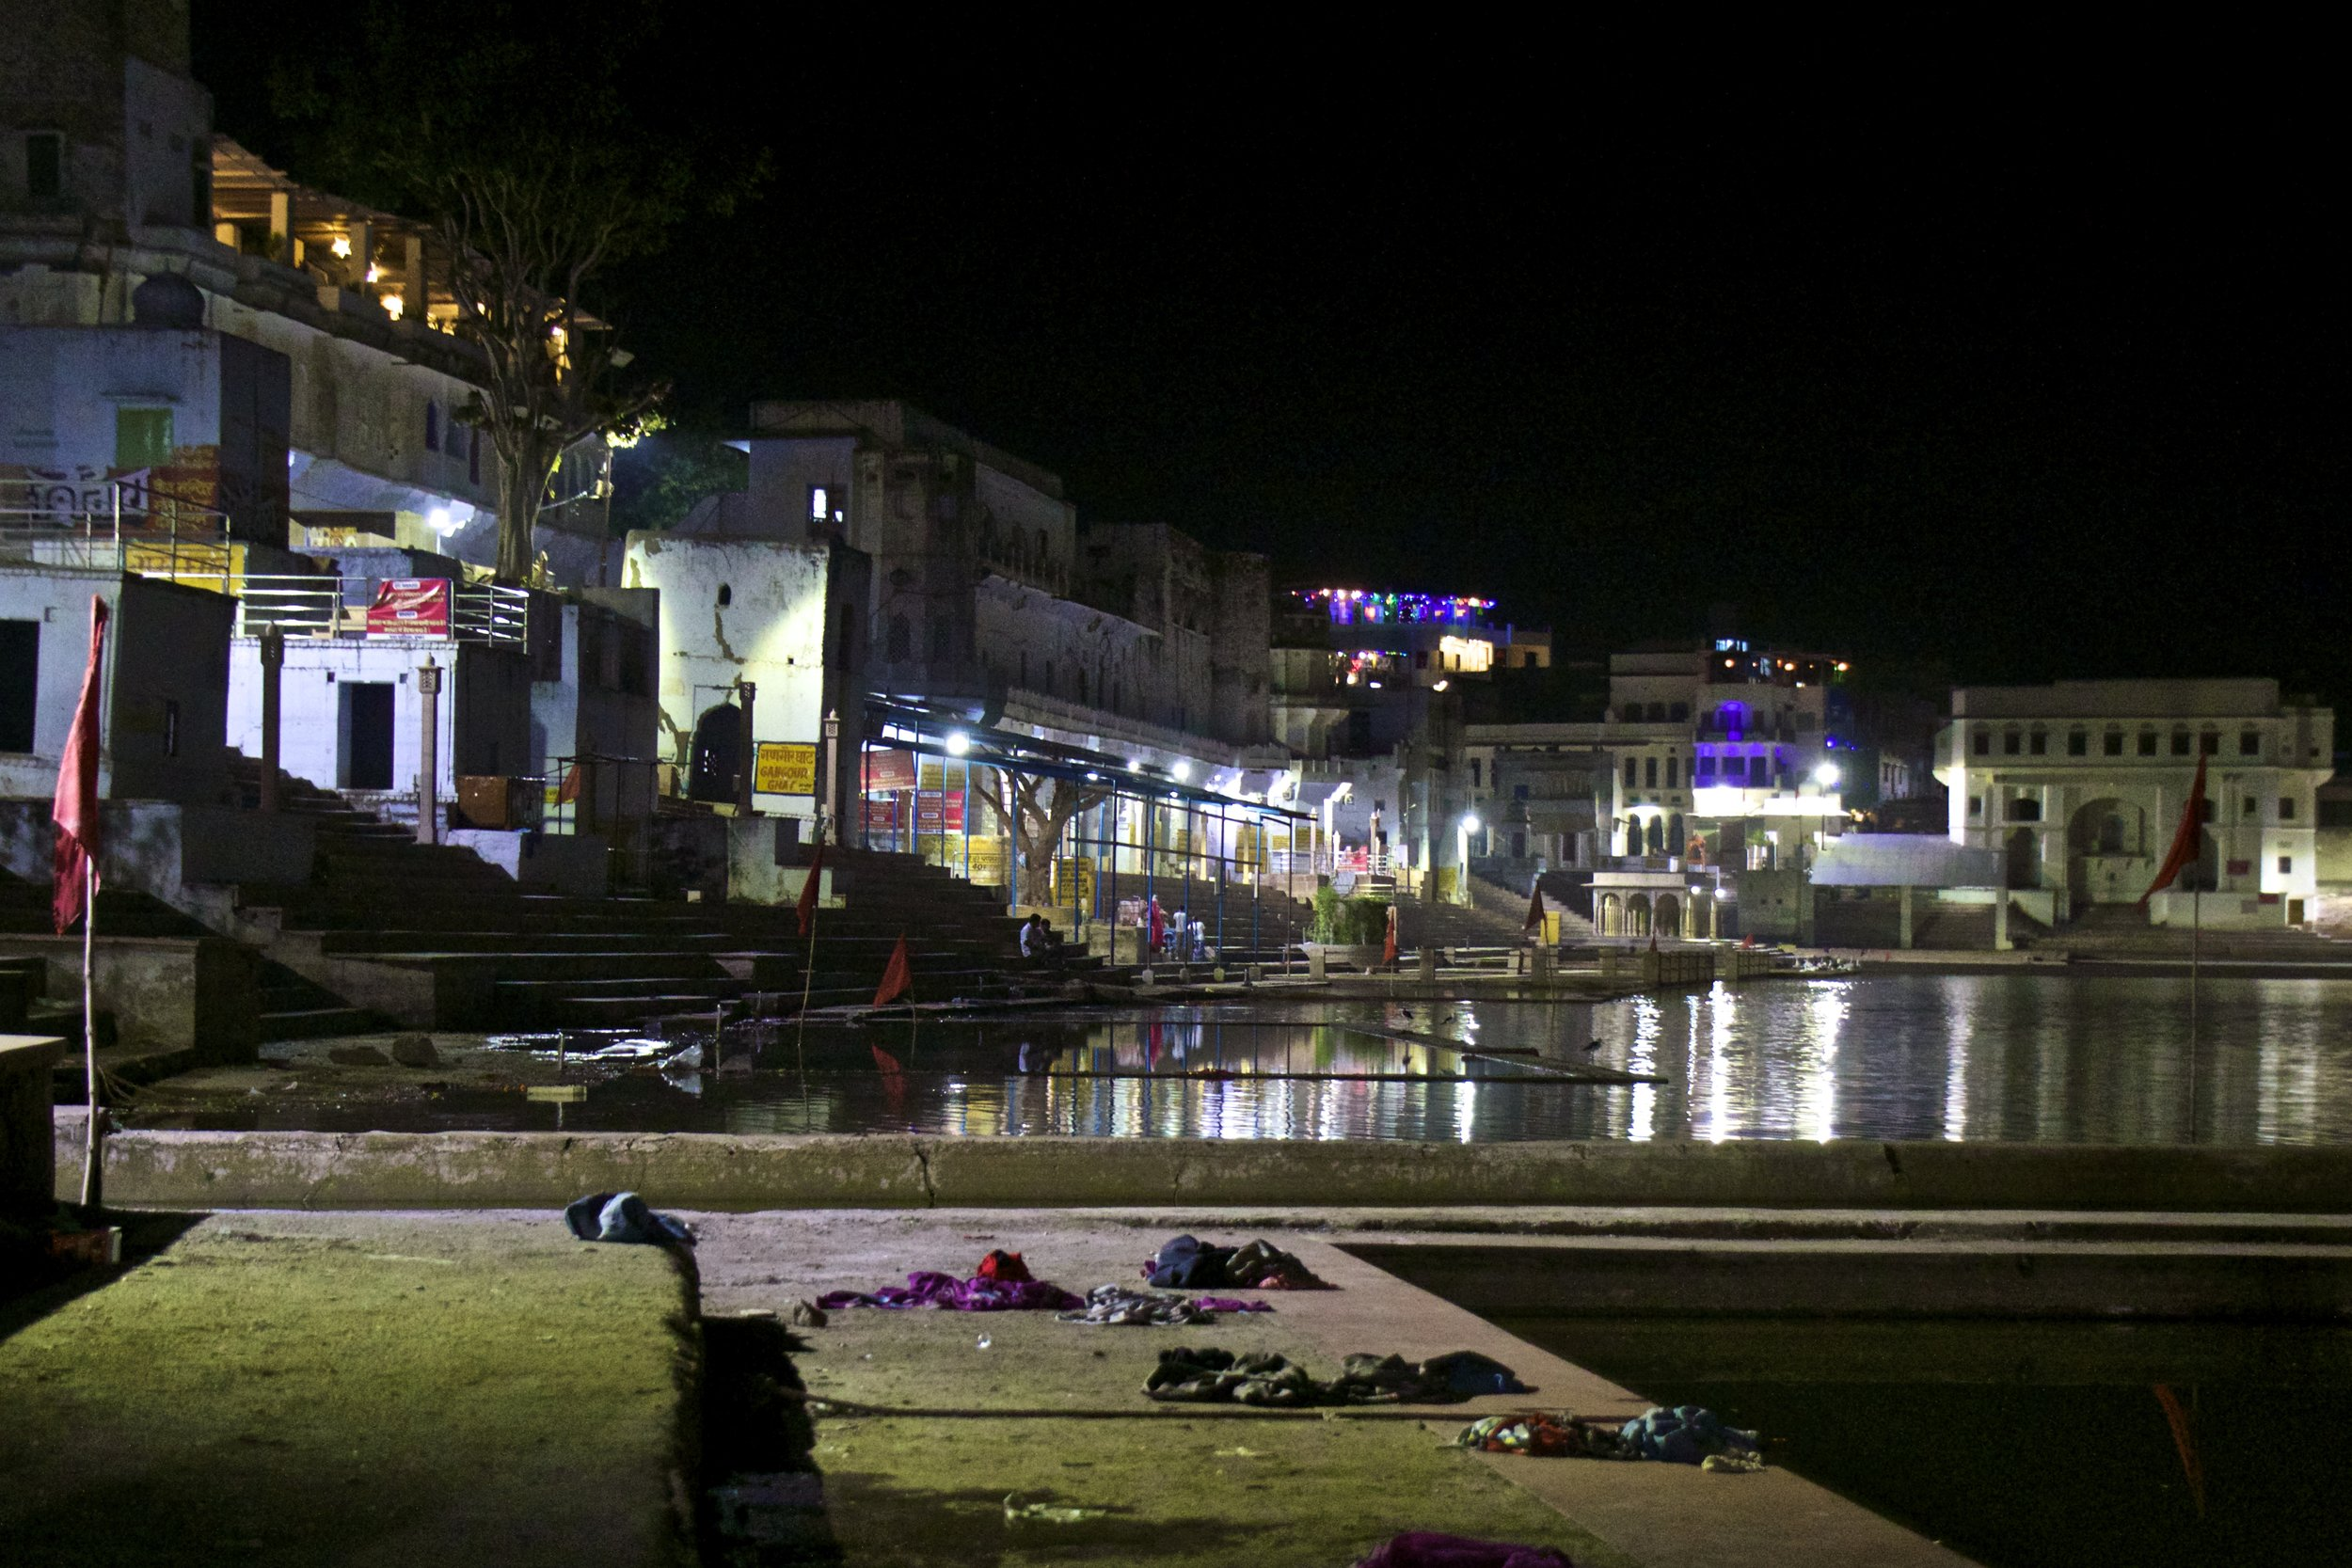 pushkar rajasthan ghats street photography 3.jpg